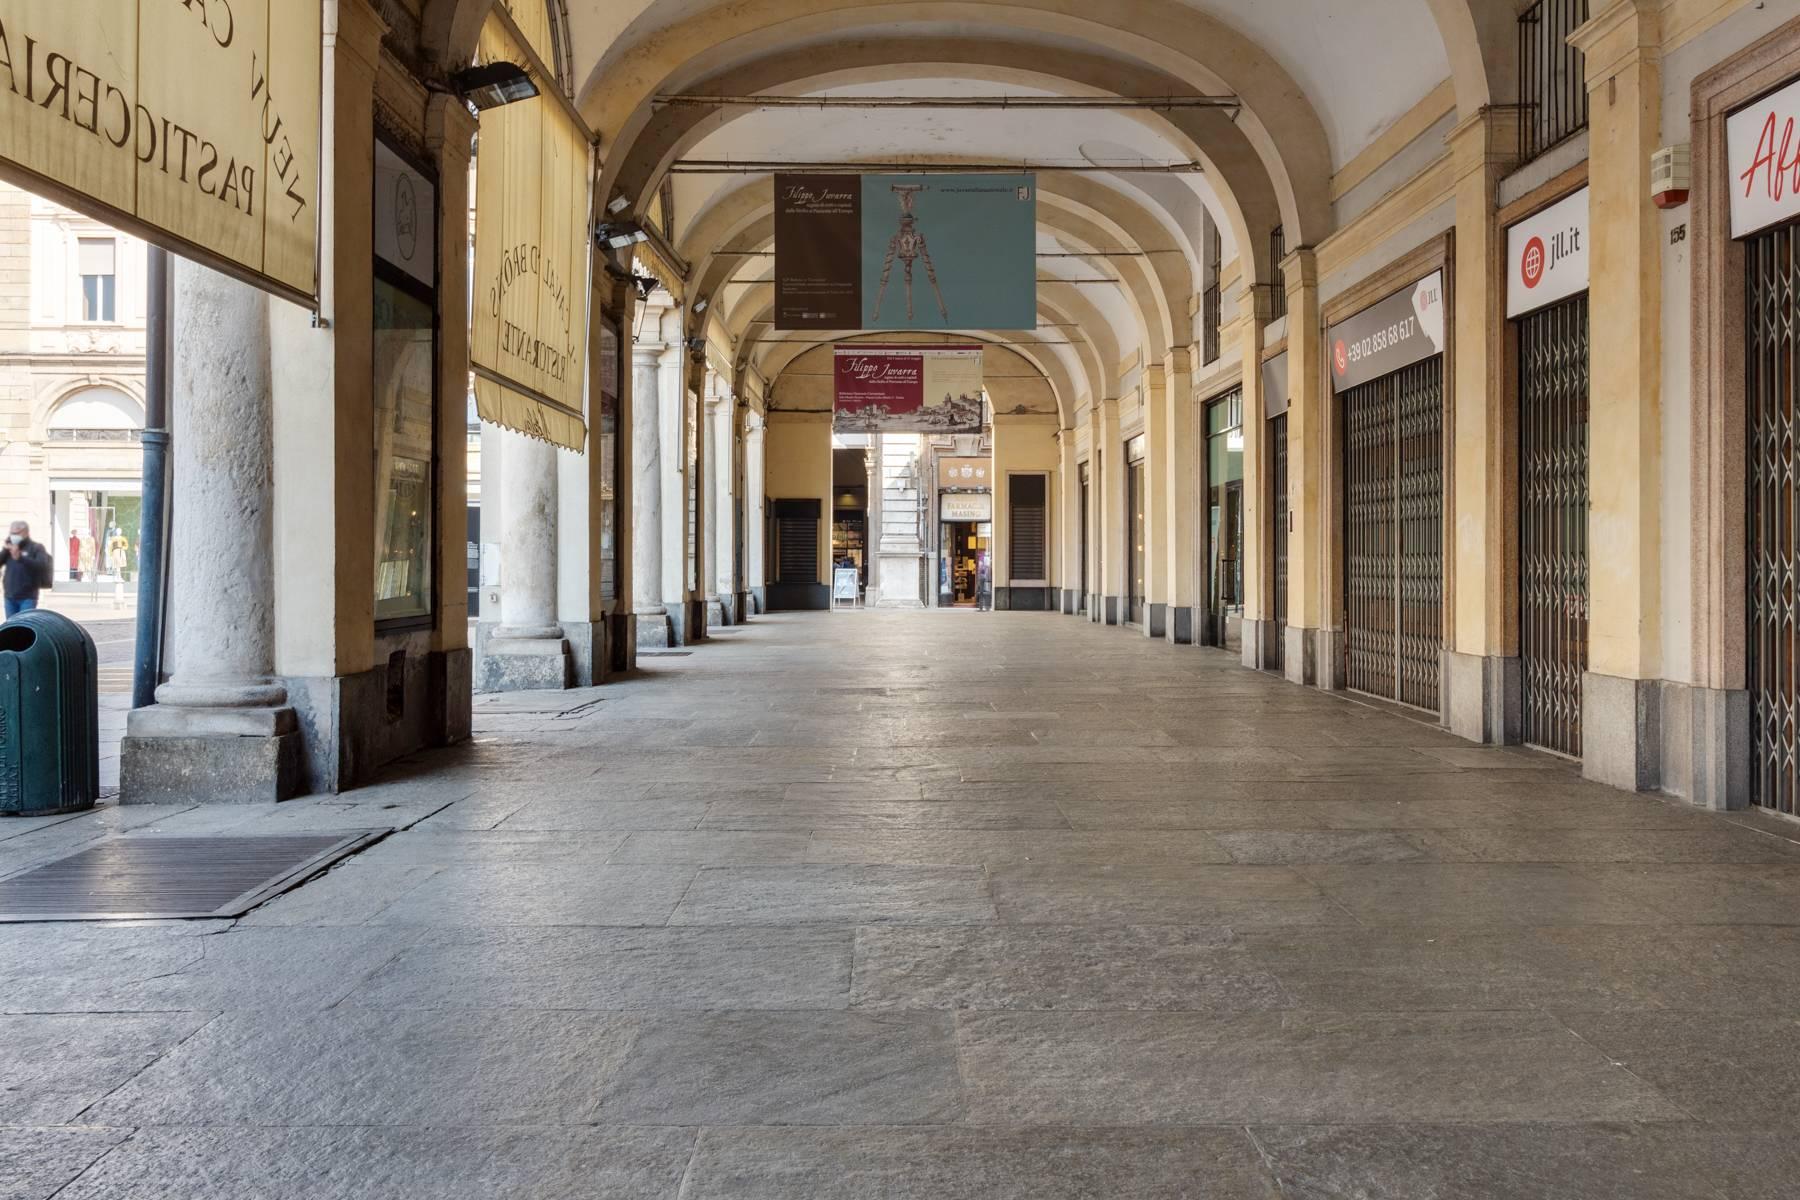 Attico in Vendita a Torino: 5 locali, 452 mq - Foto 12